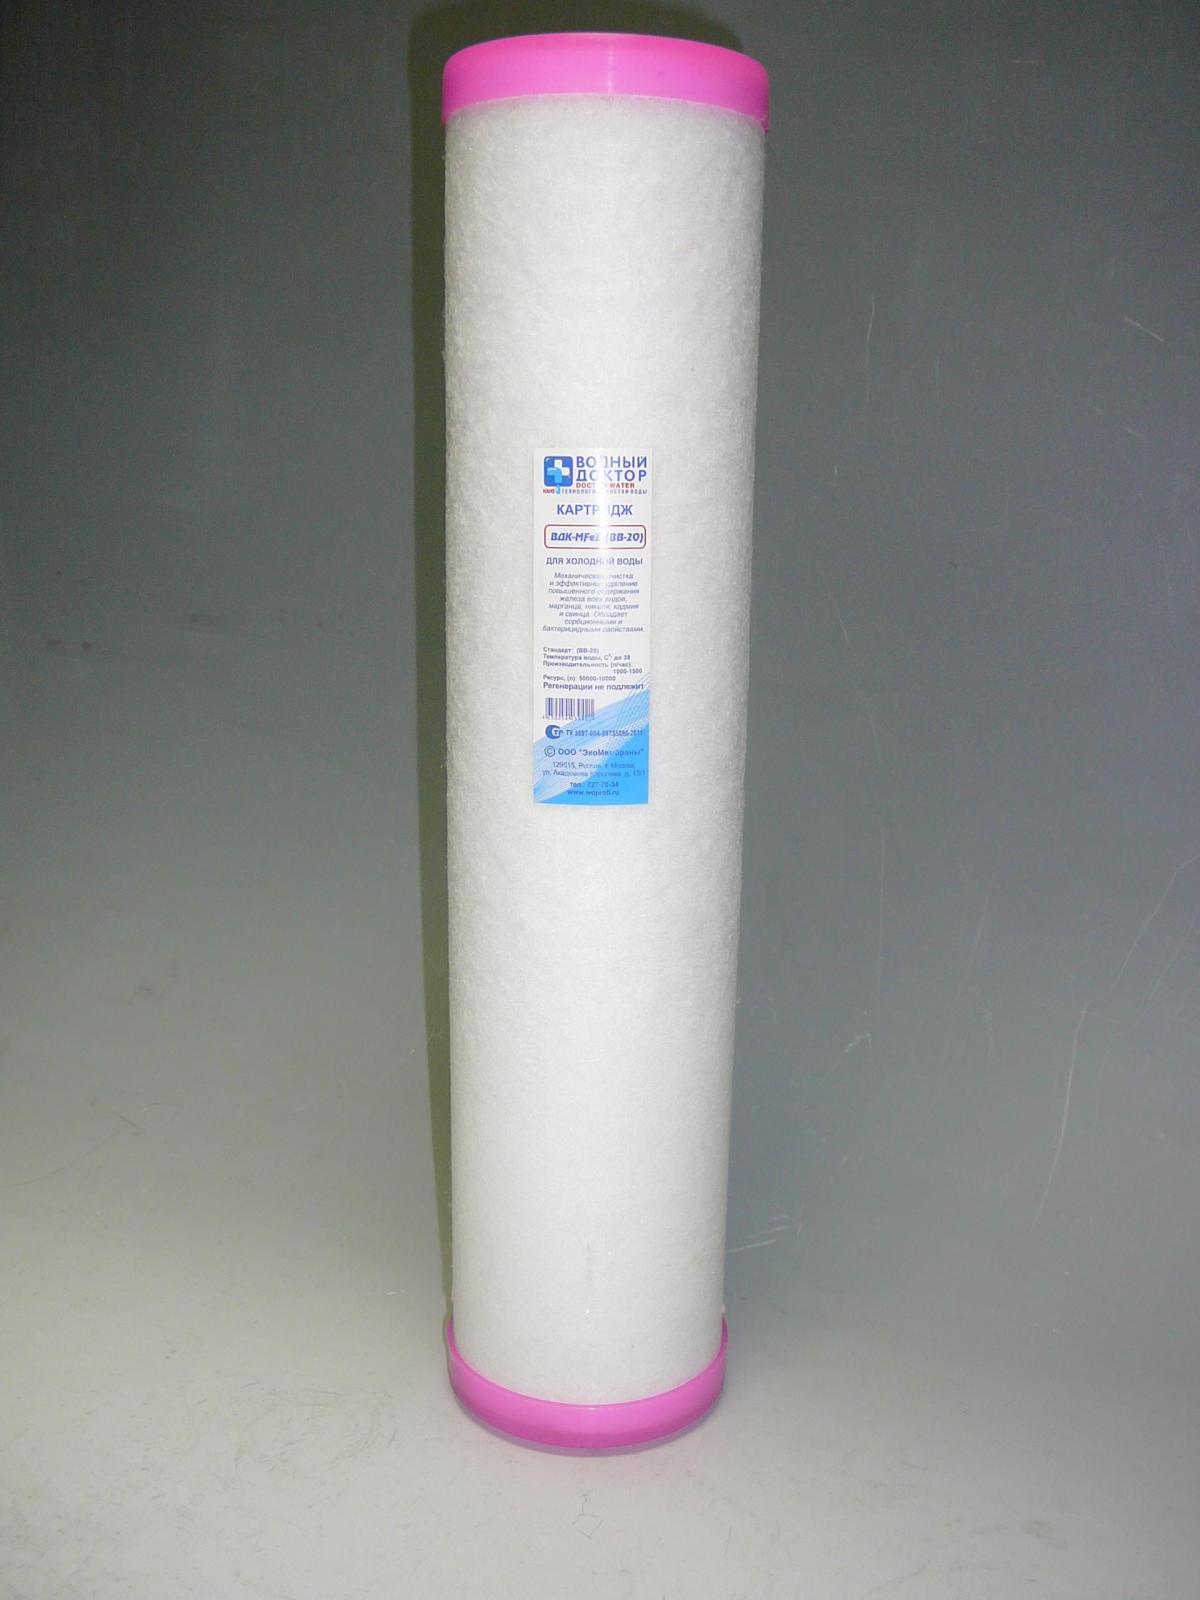 ВДК-301 MFe2(BB-20)